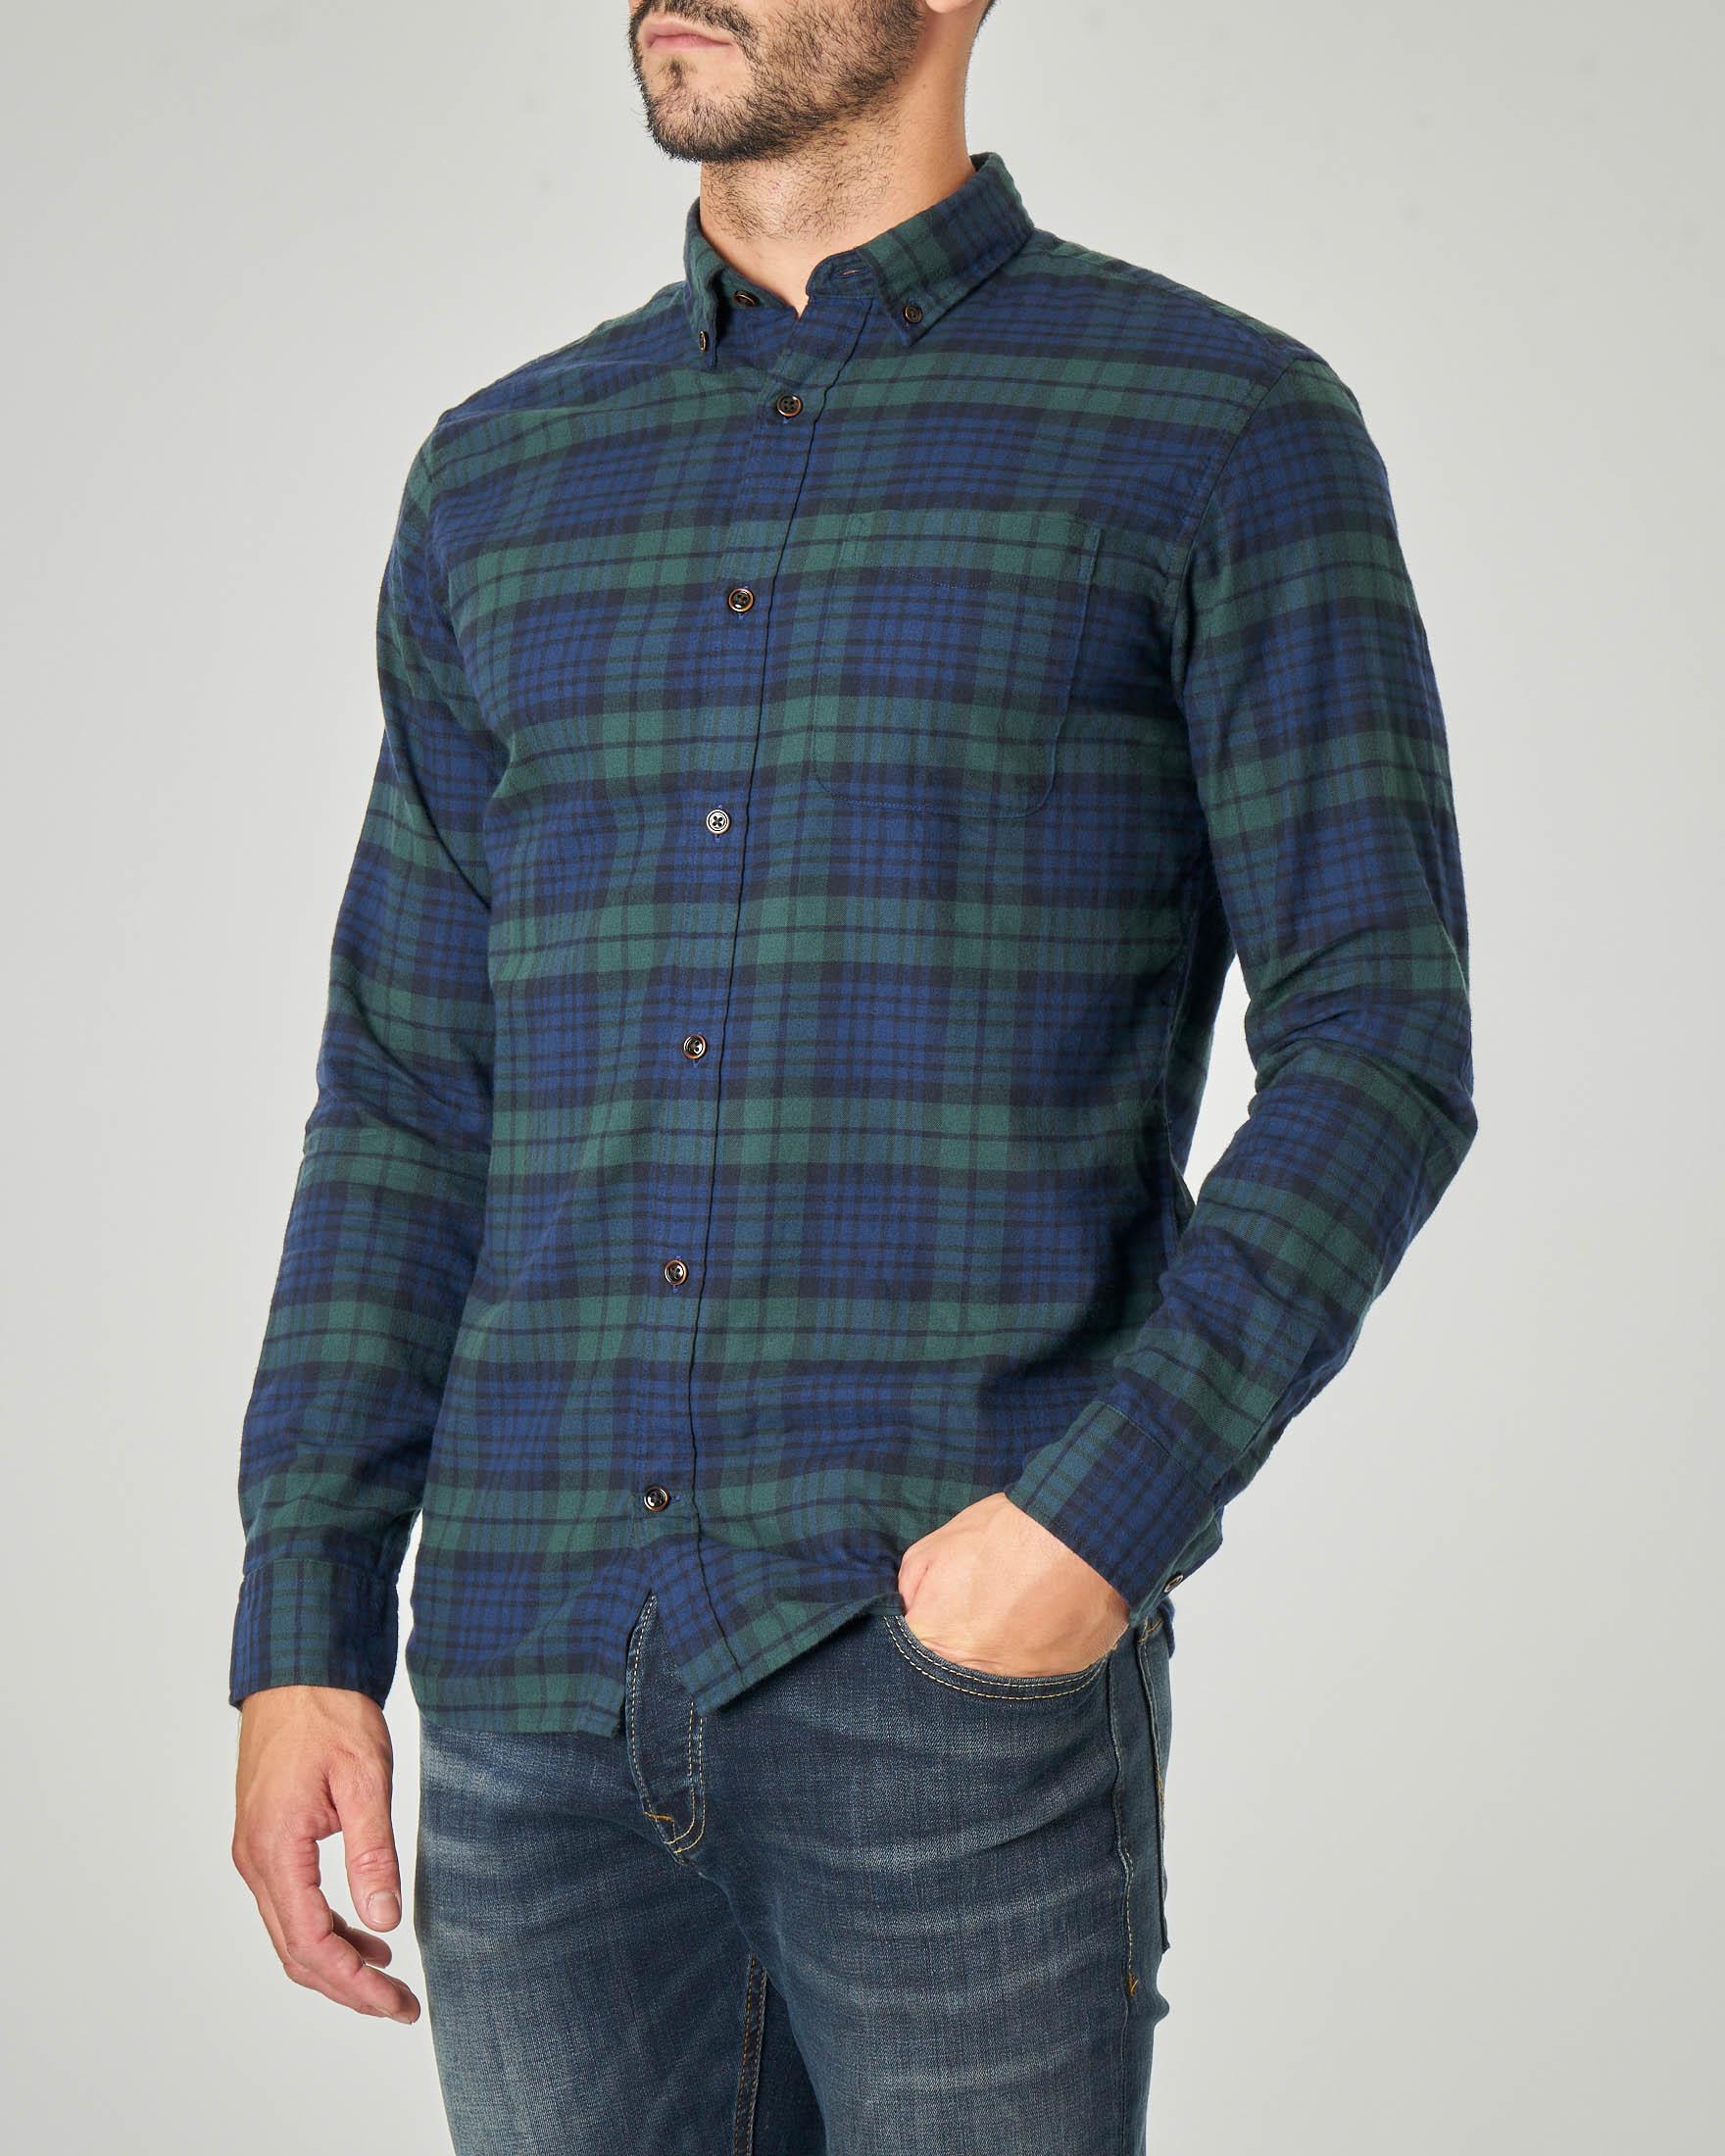 Camicia a quadri blu e verdi in flanella di cotone